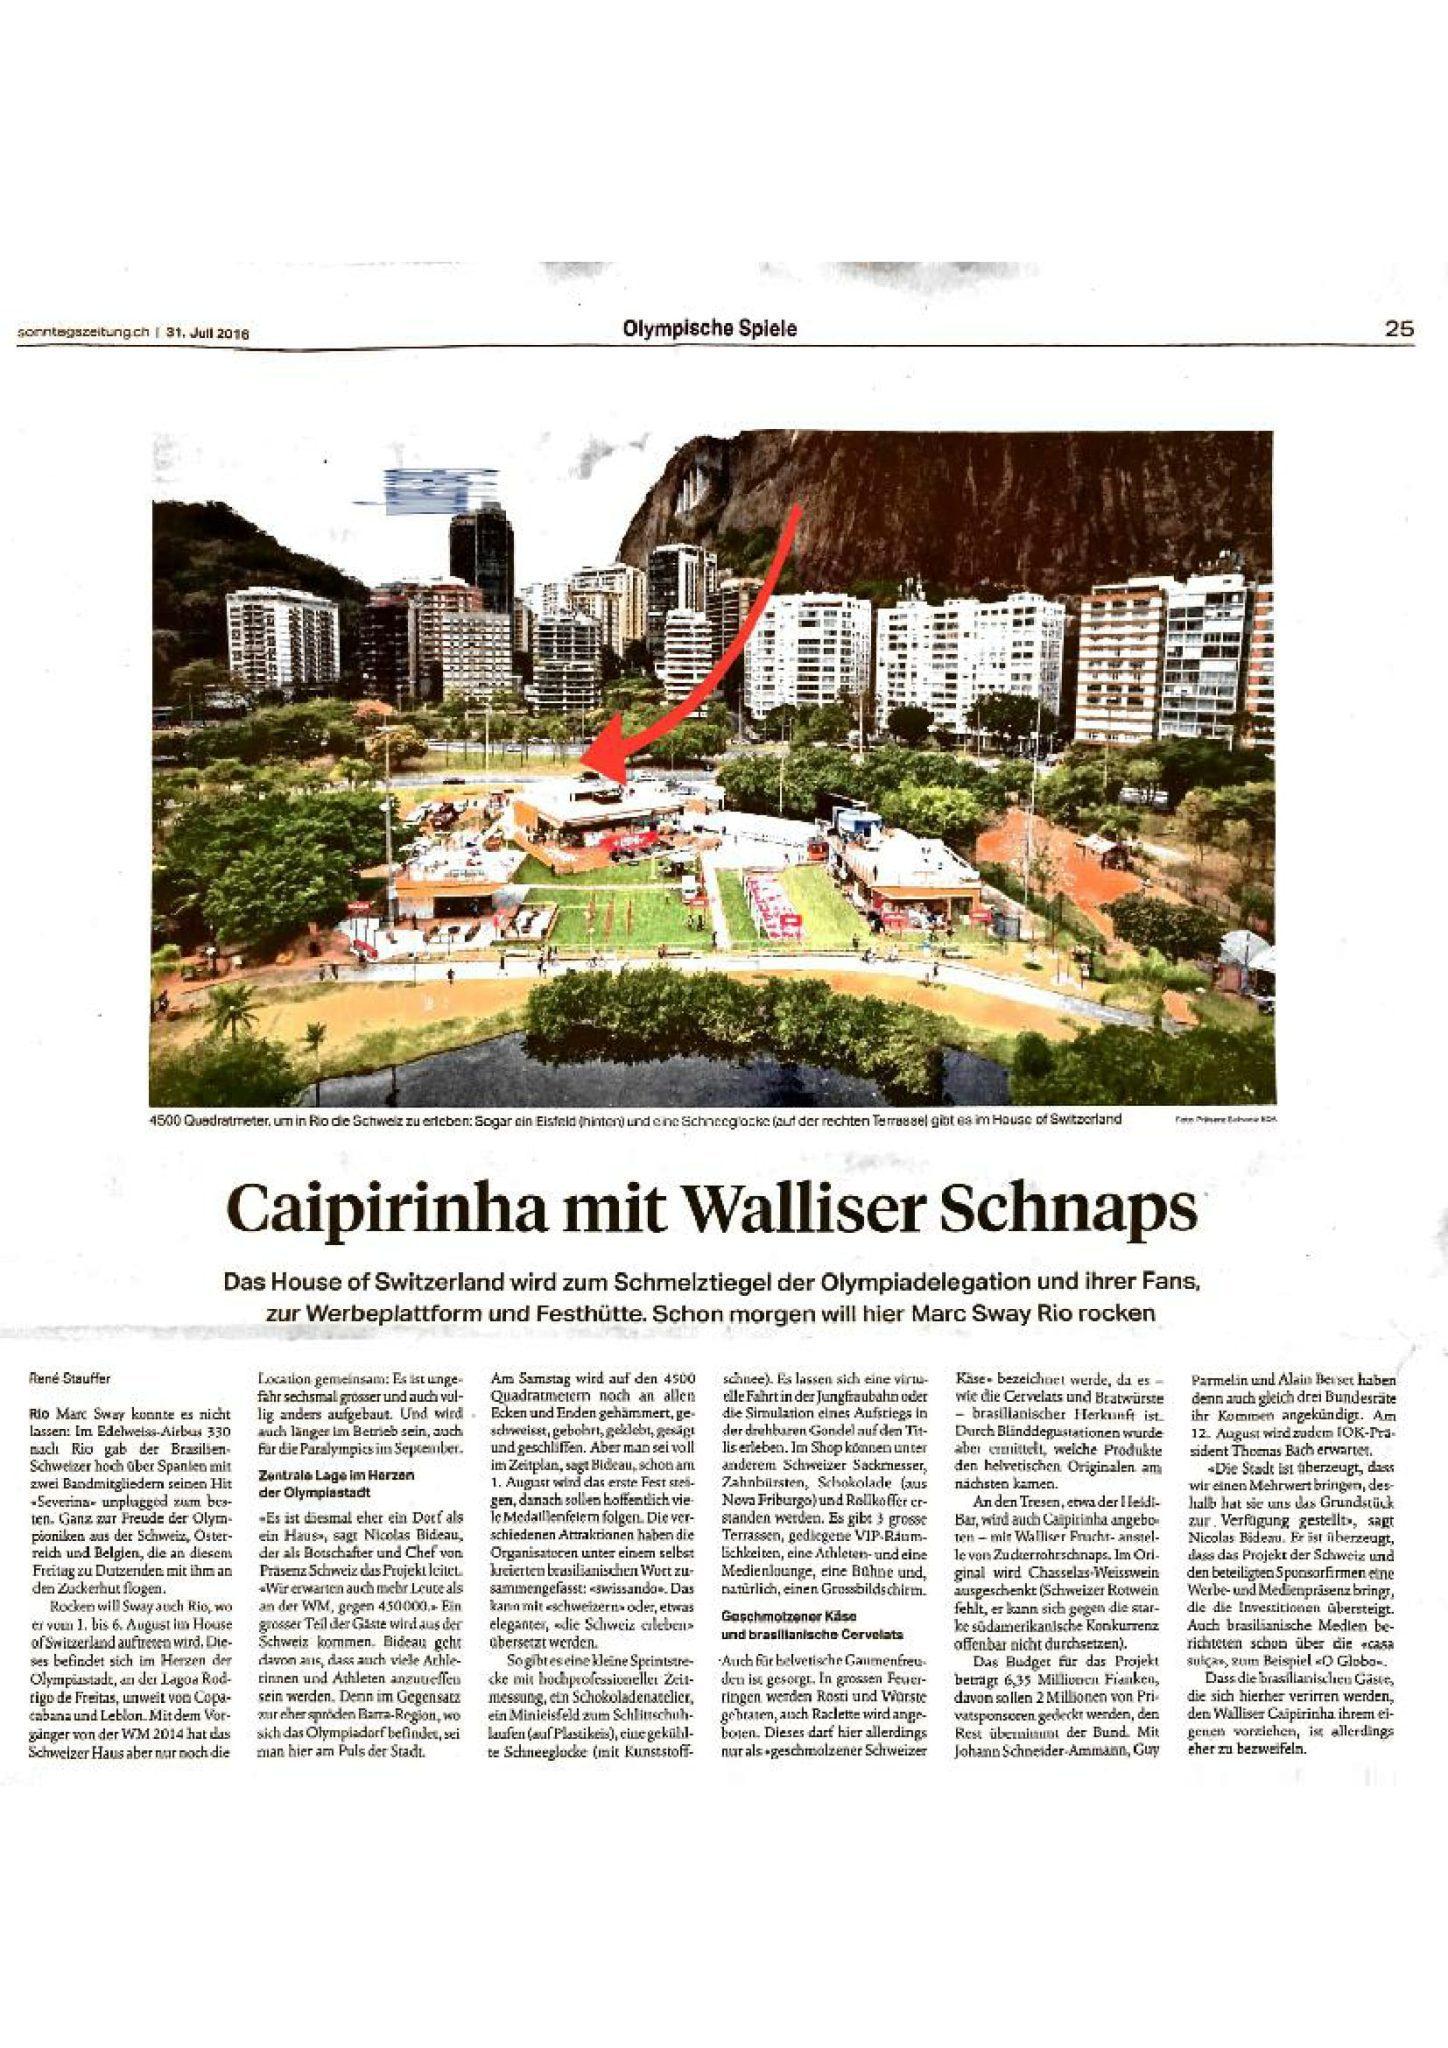 El hielo sintético Glice® presentado en el Sonntagszeitung media!